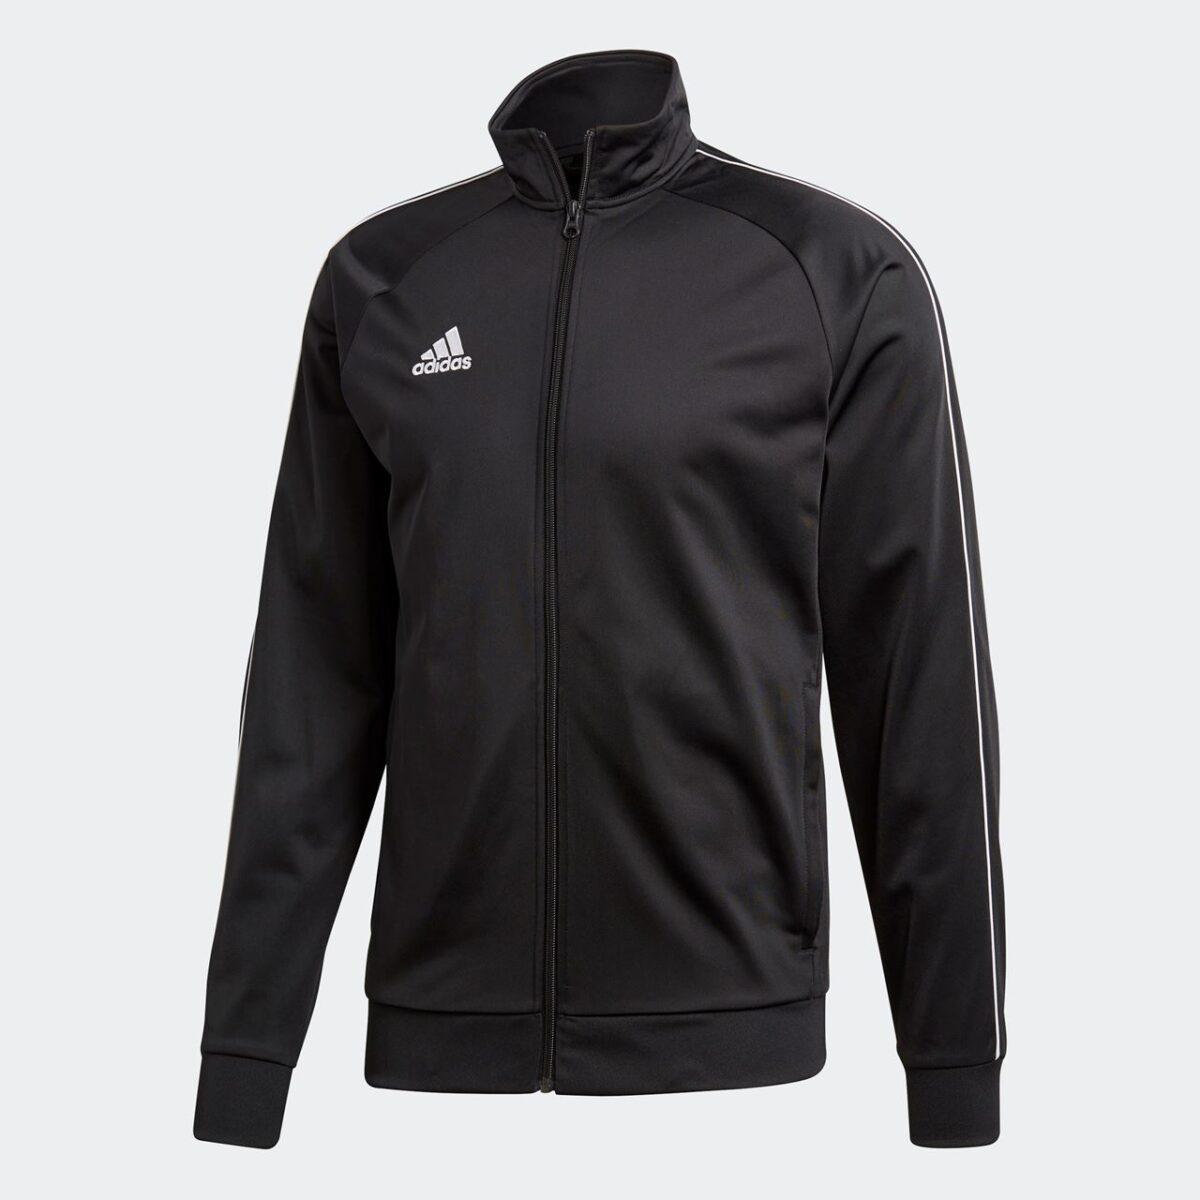 Adidas Core 18 PES Jacket Adult